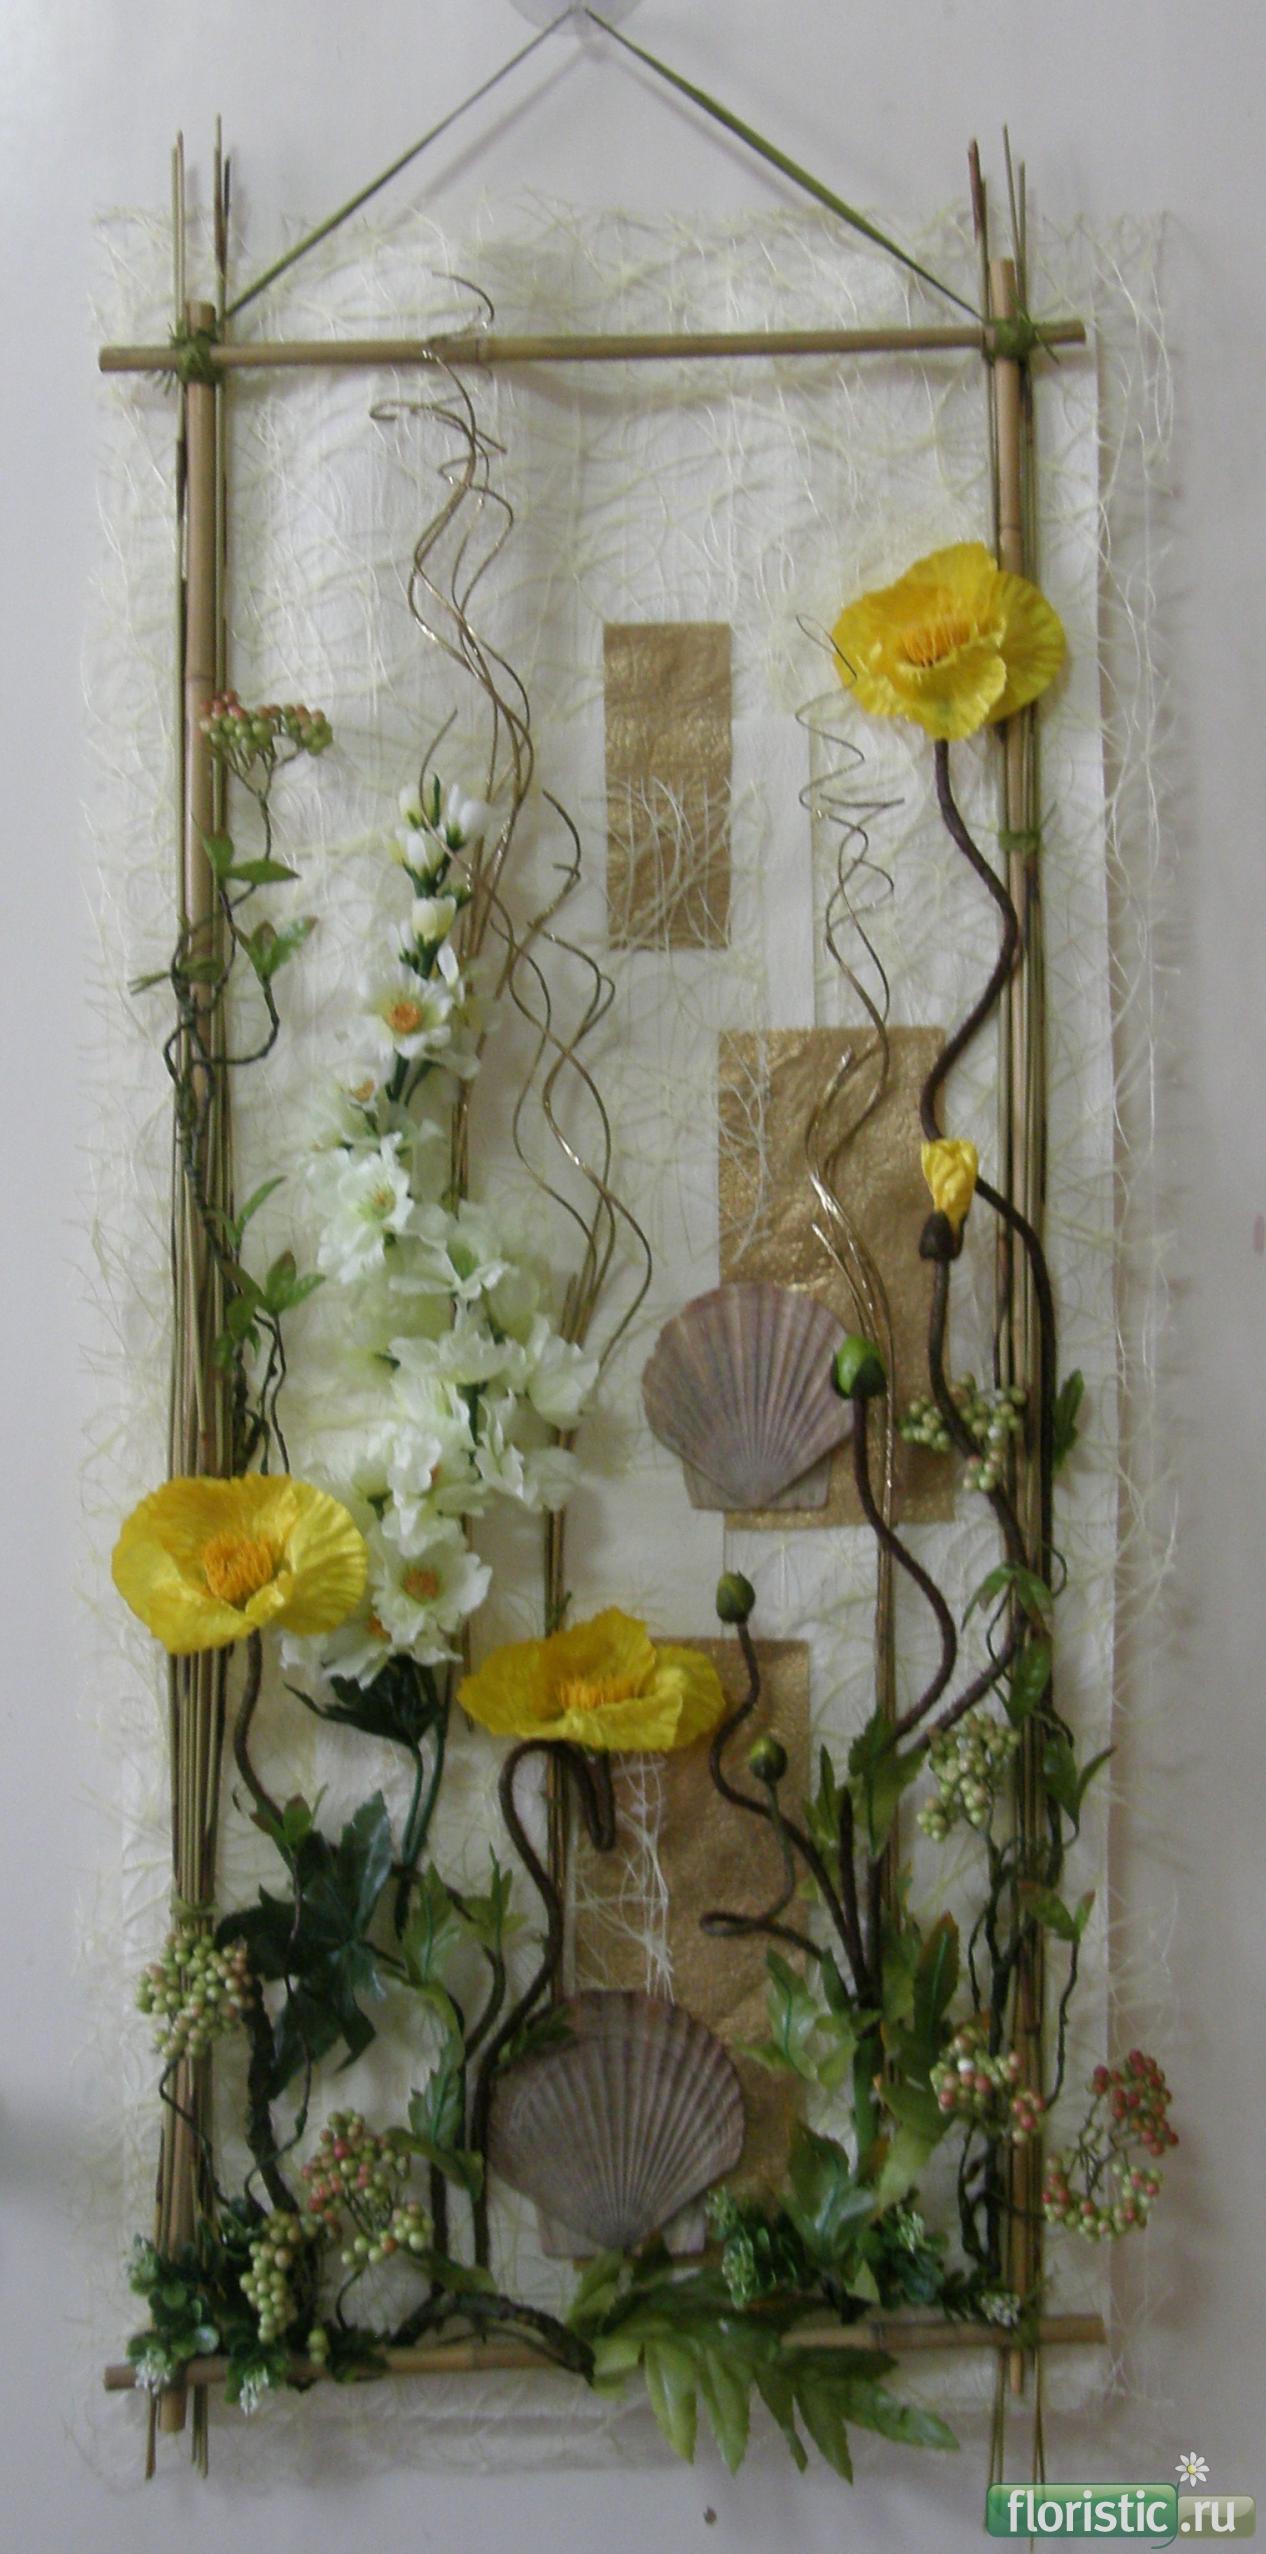 Фото панно из искусственных цветов